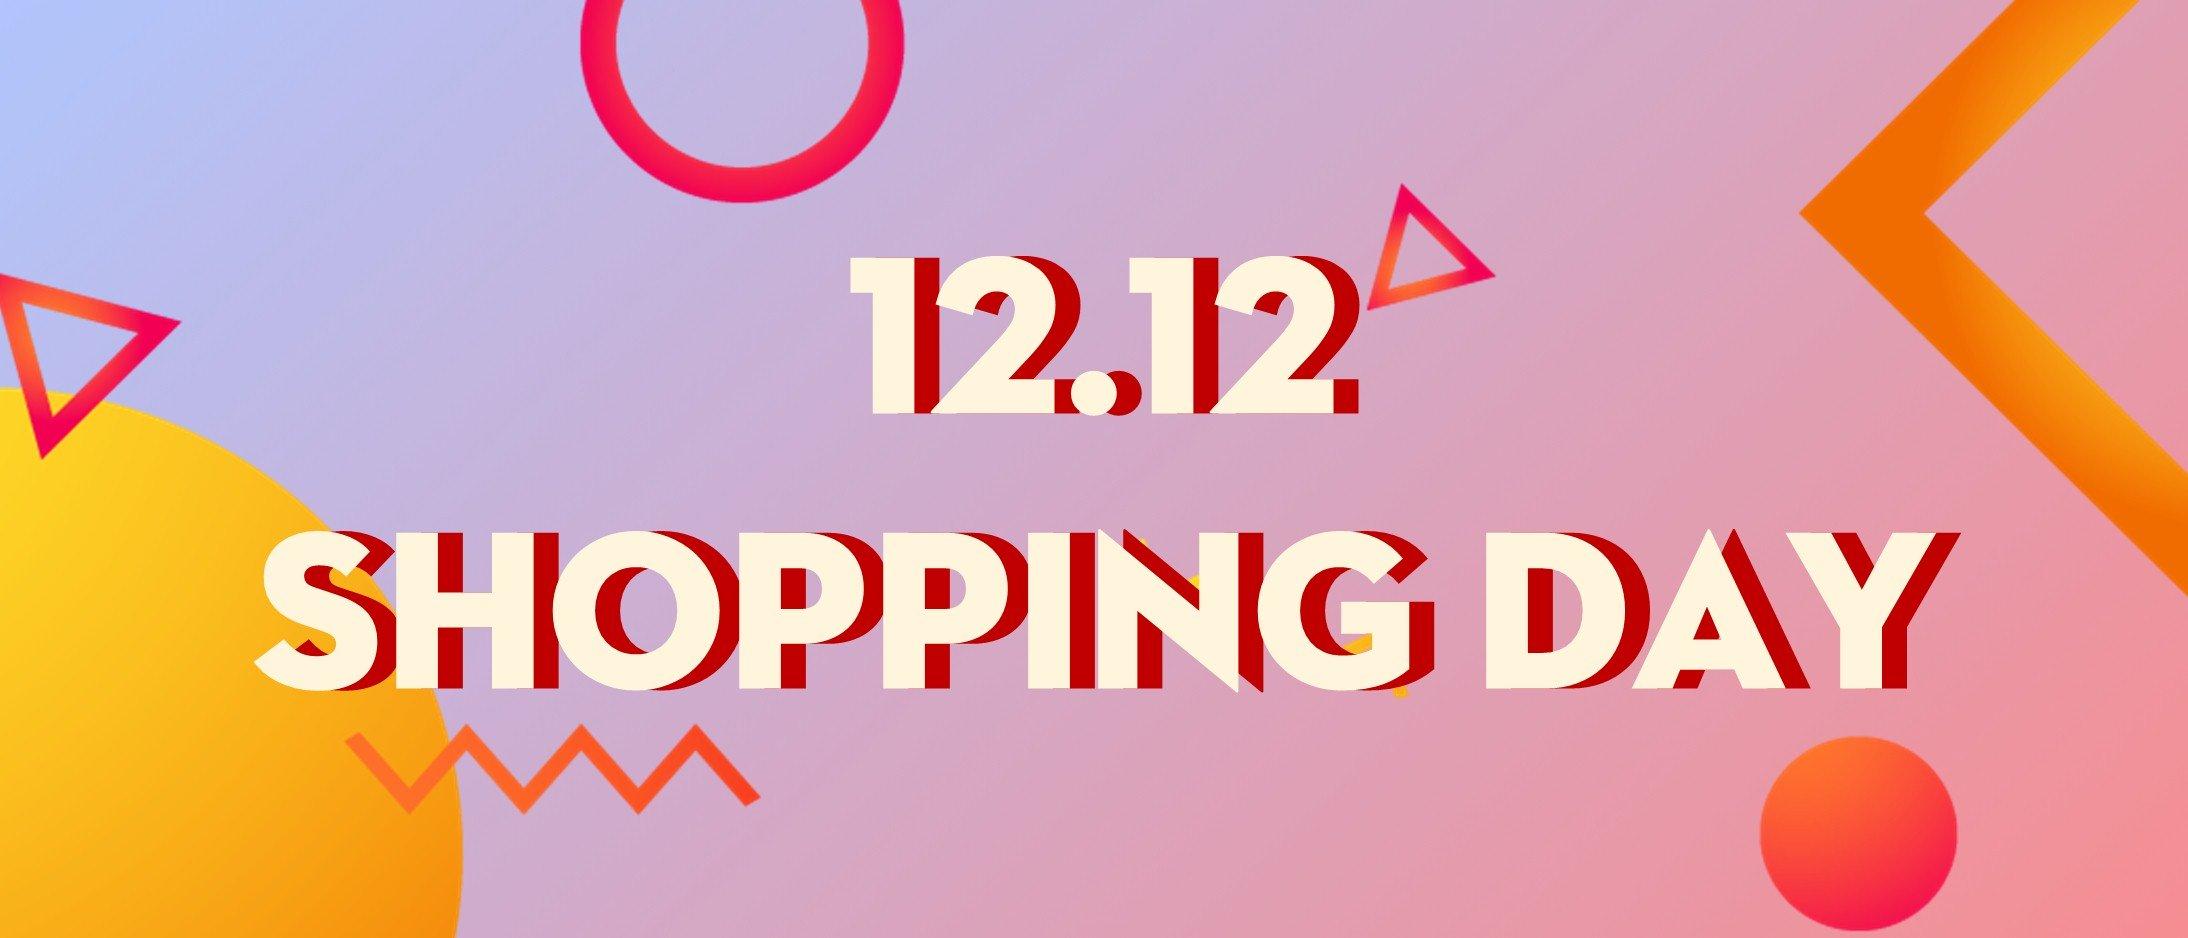 12/12 là ngày gì? Hé lộ những bí mật thú vị về ngày 12/12